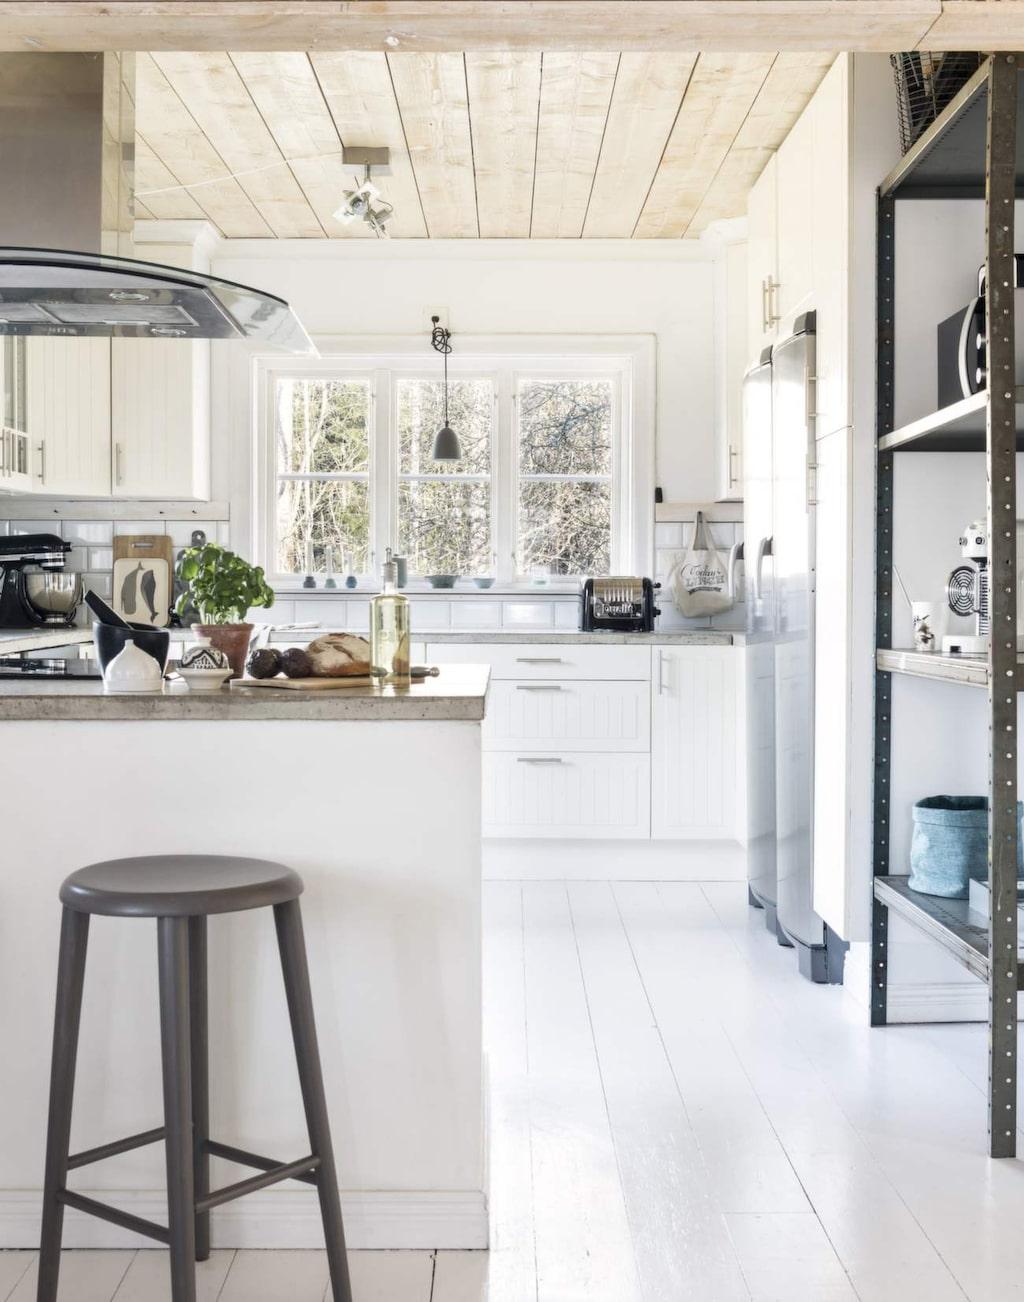 Köket är ljust med vita väggar och golv. Det vackra trätaket reflekterar ljuset från fönstren och förenar naturen med insidan av huset.